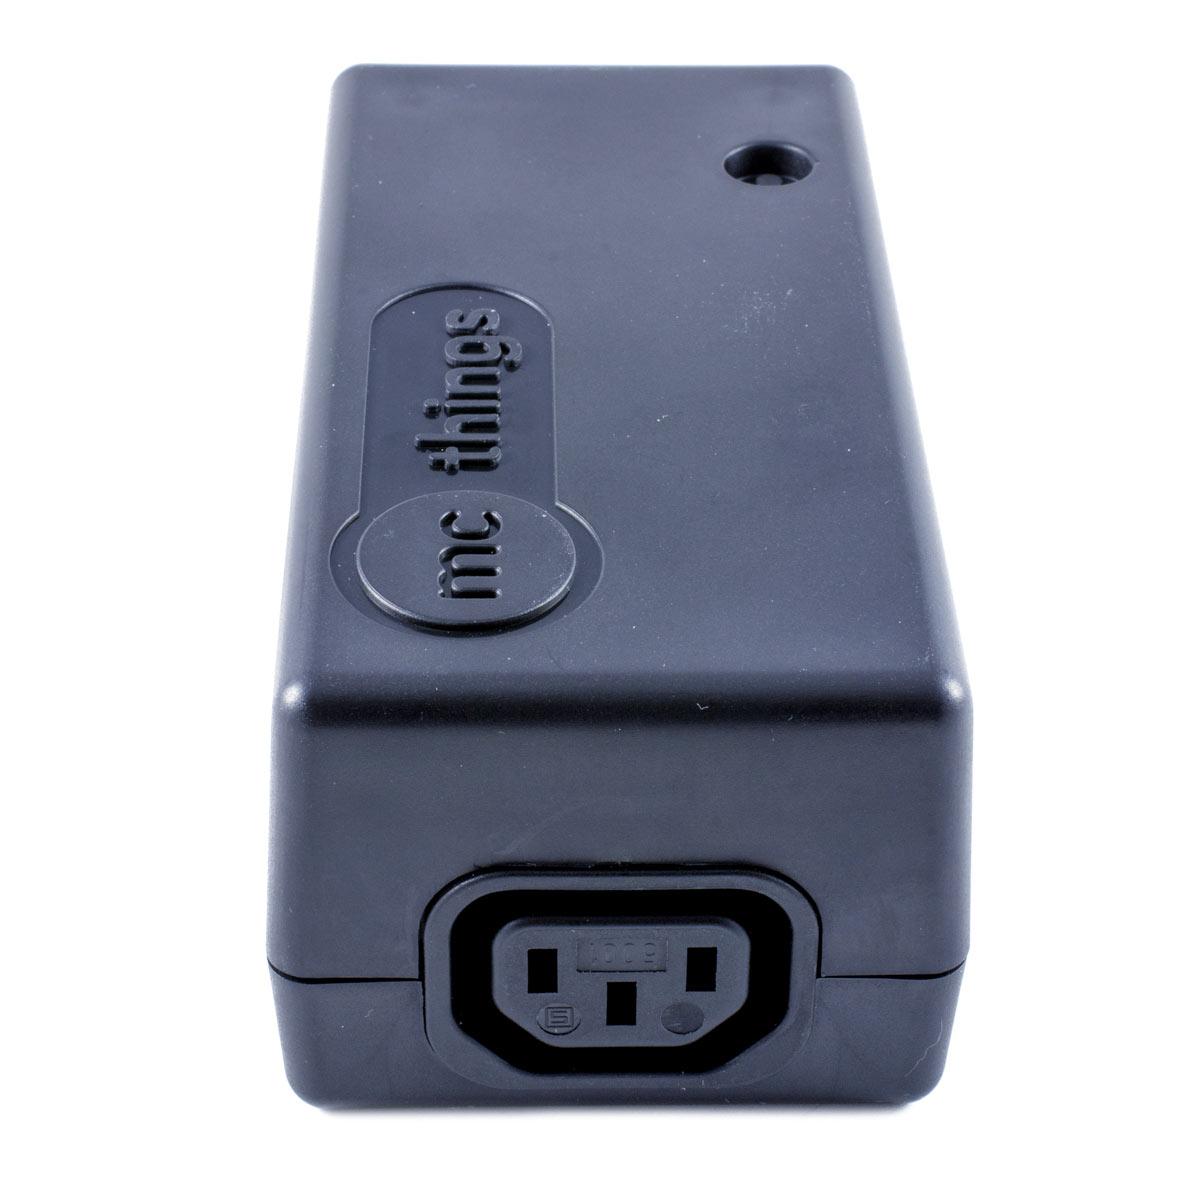 mcPlug Internet of Things Power Plug